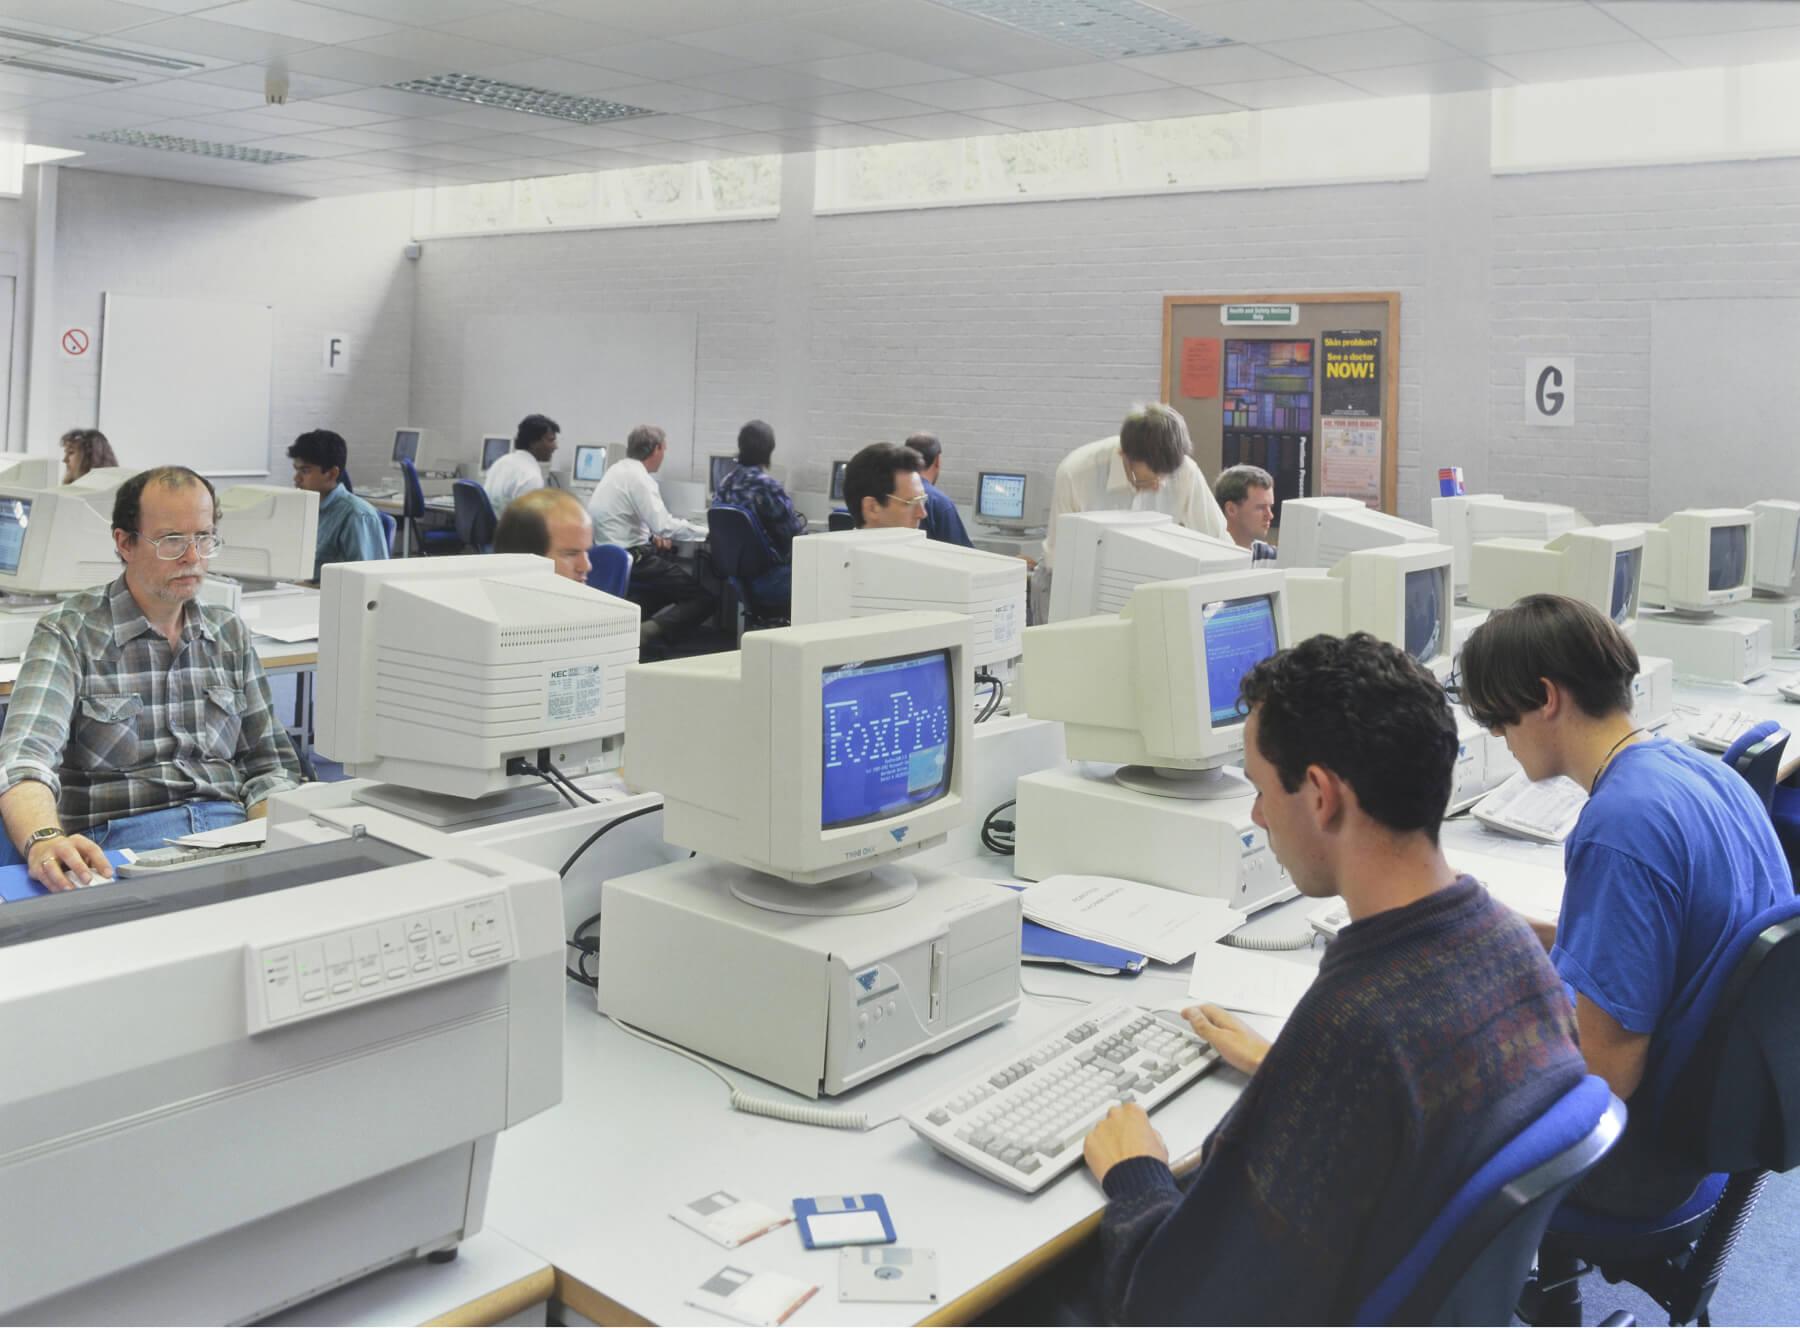 Office in 1980s